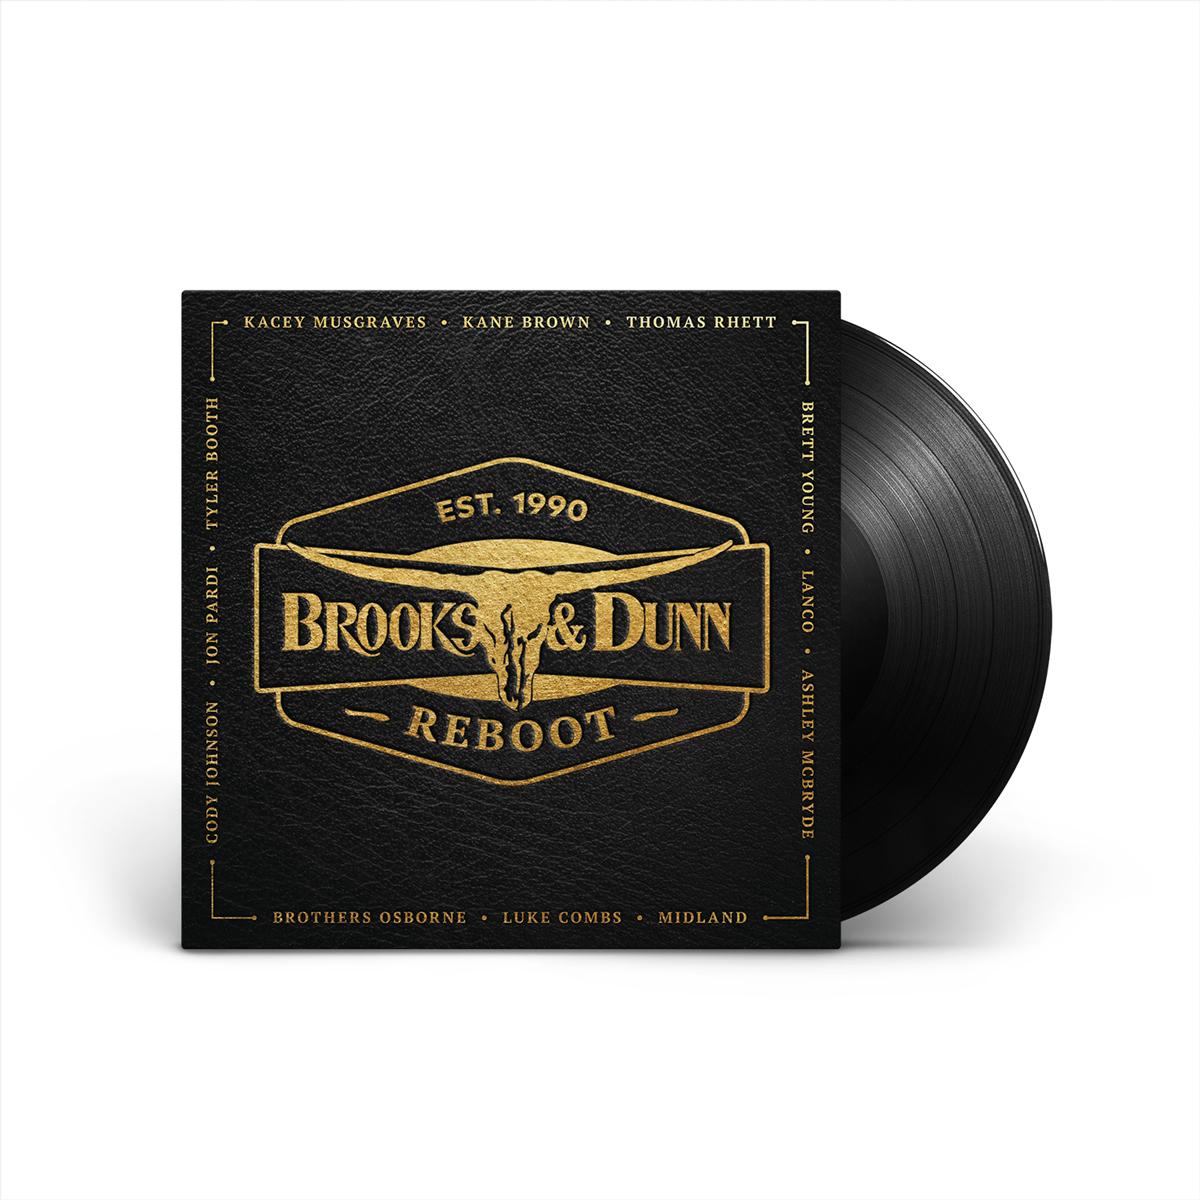 Brooks & Dunn - Reboot LP